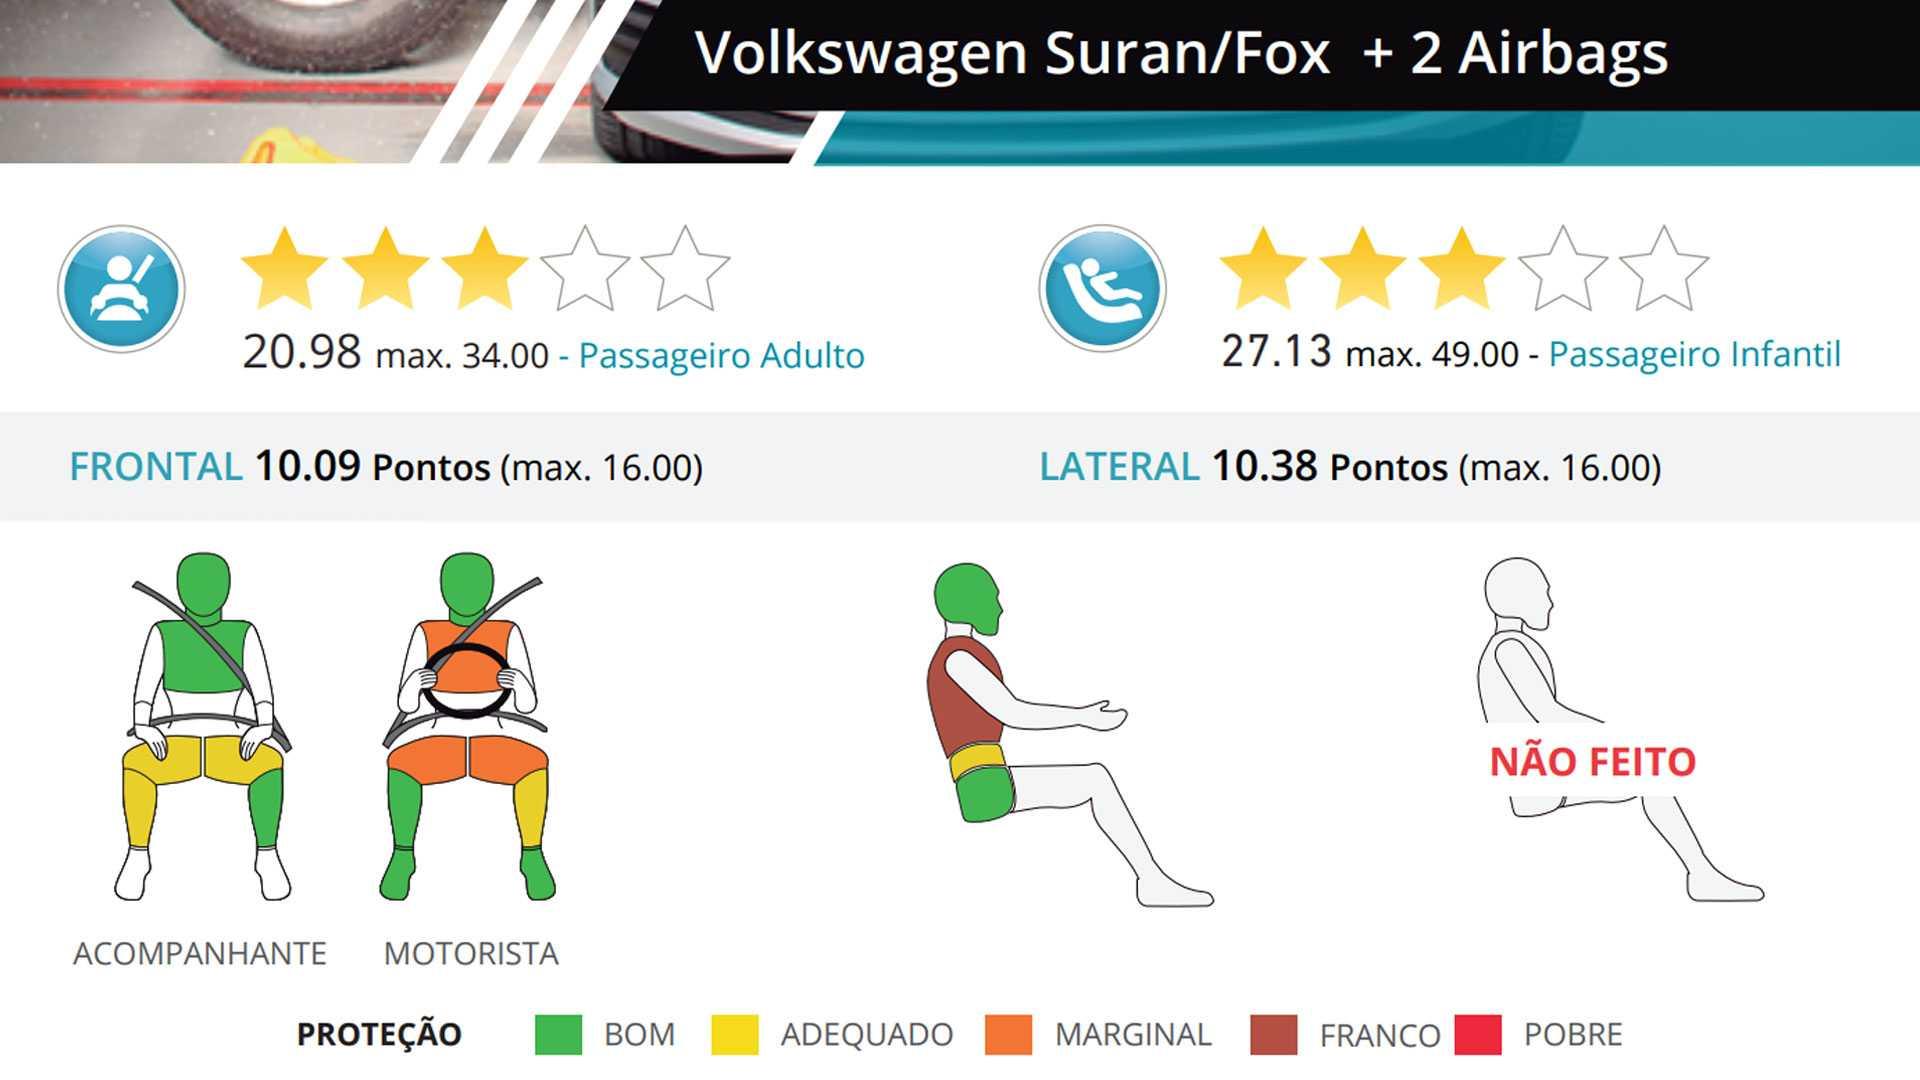 Volkswagen Fox Latin Ncap 2019